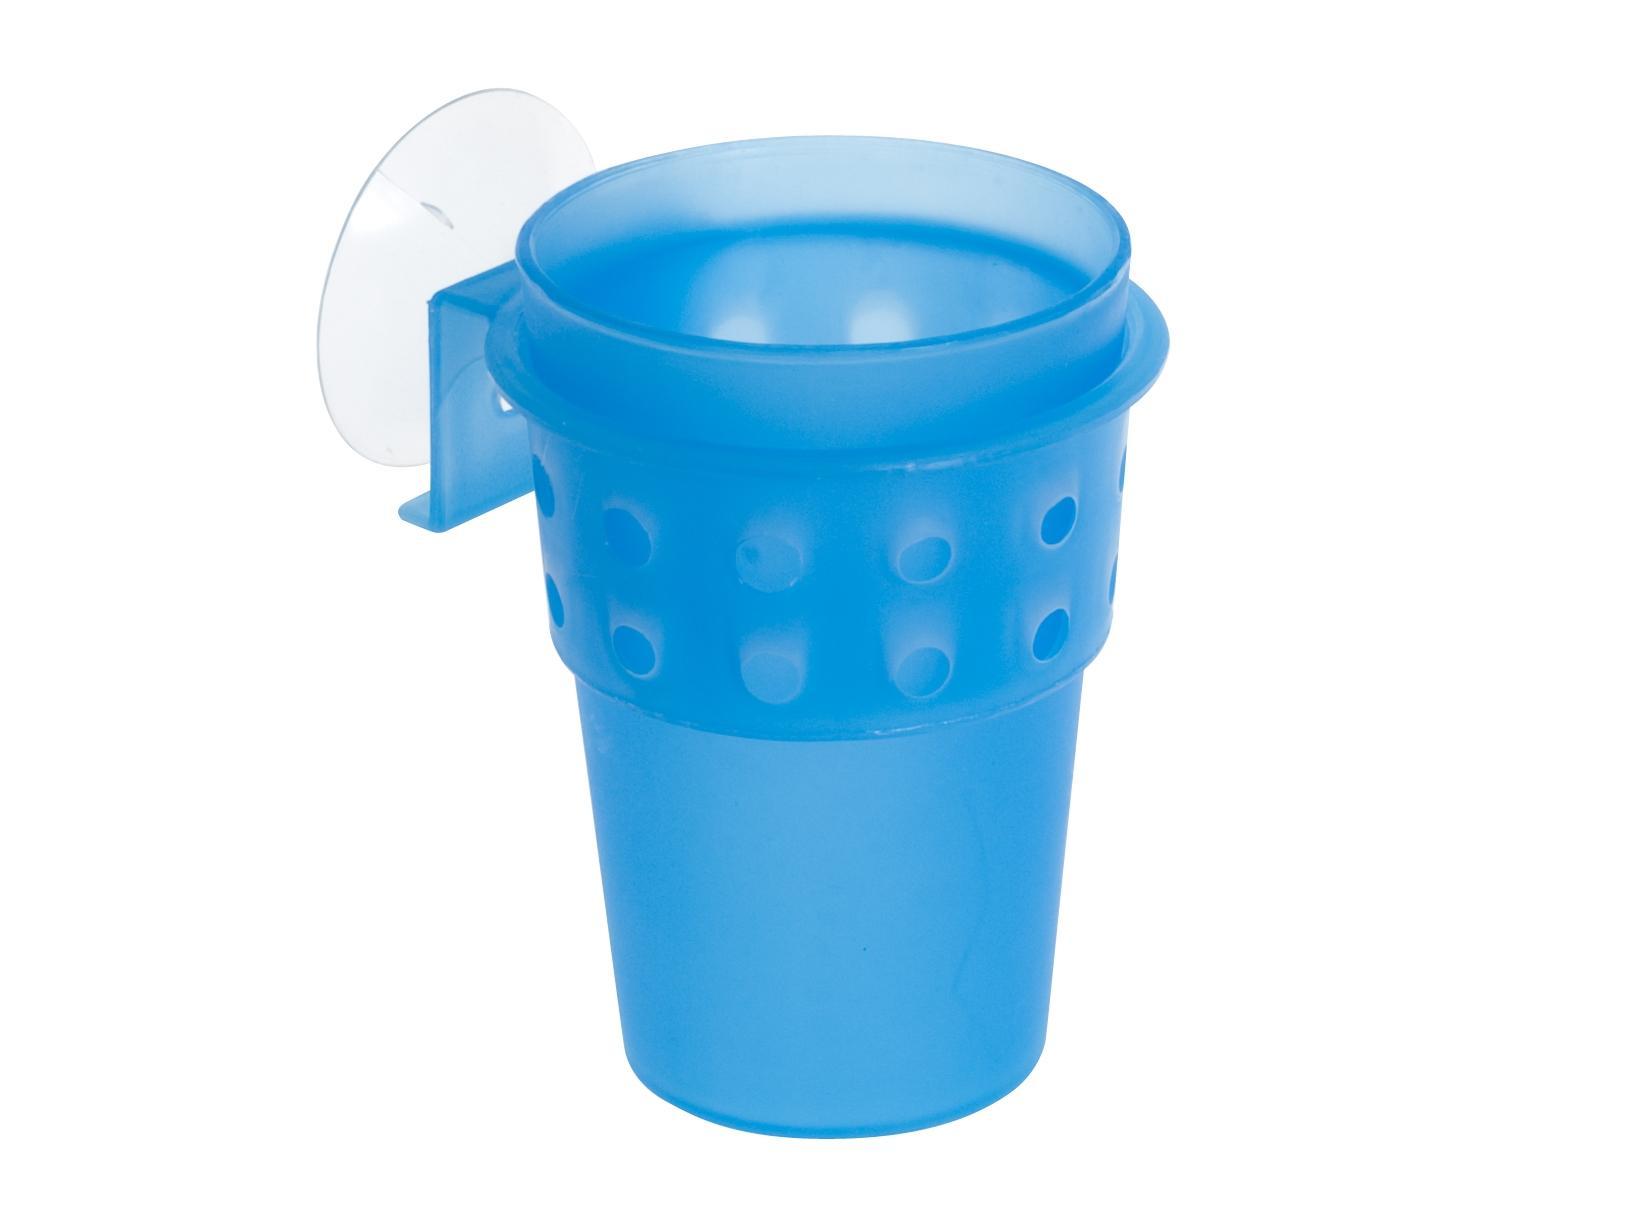 Accessori Da Bagno Con Ventosa.Home Porta Spazzolini Plastica Con Ventosa Blu Arredo Bagno E Accessori